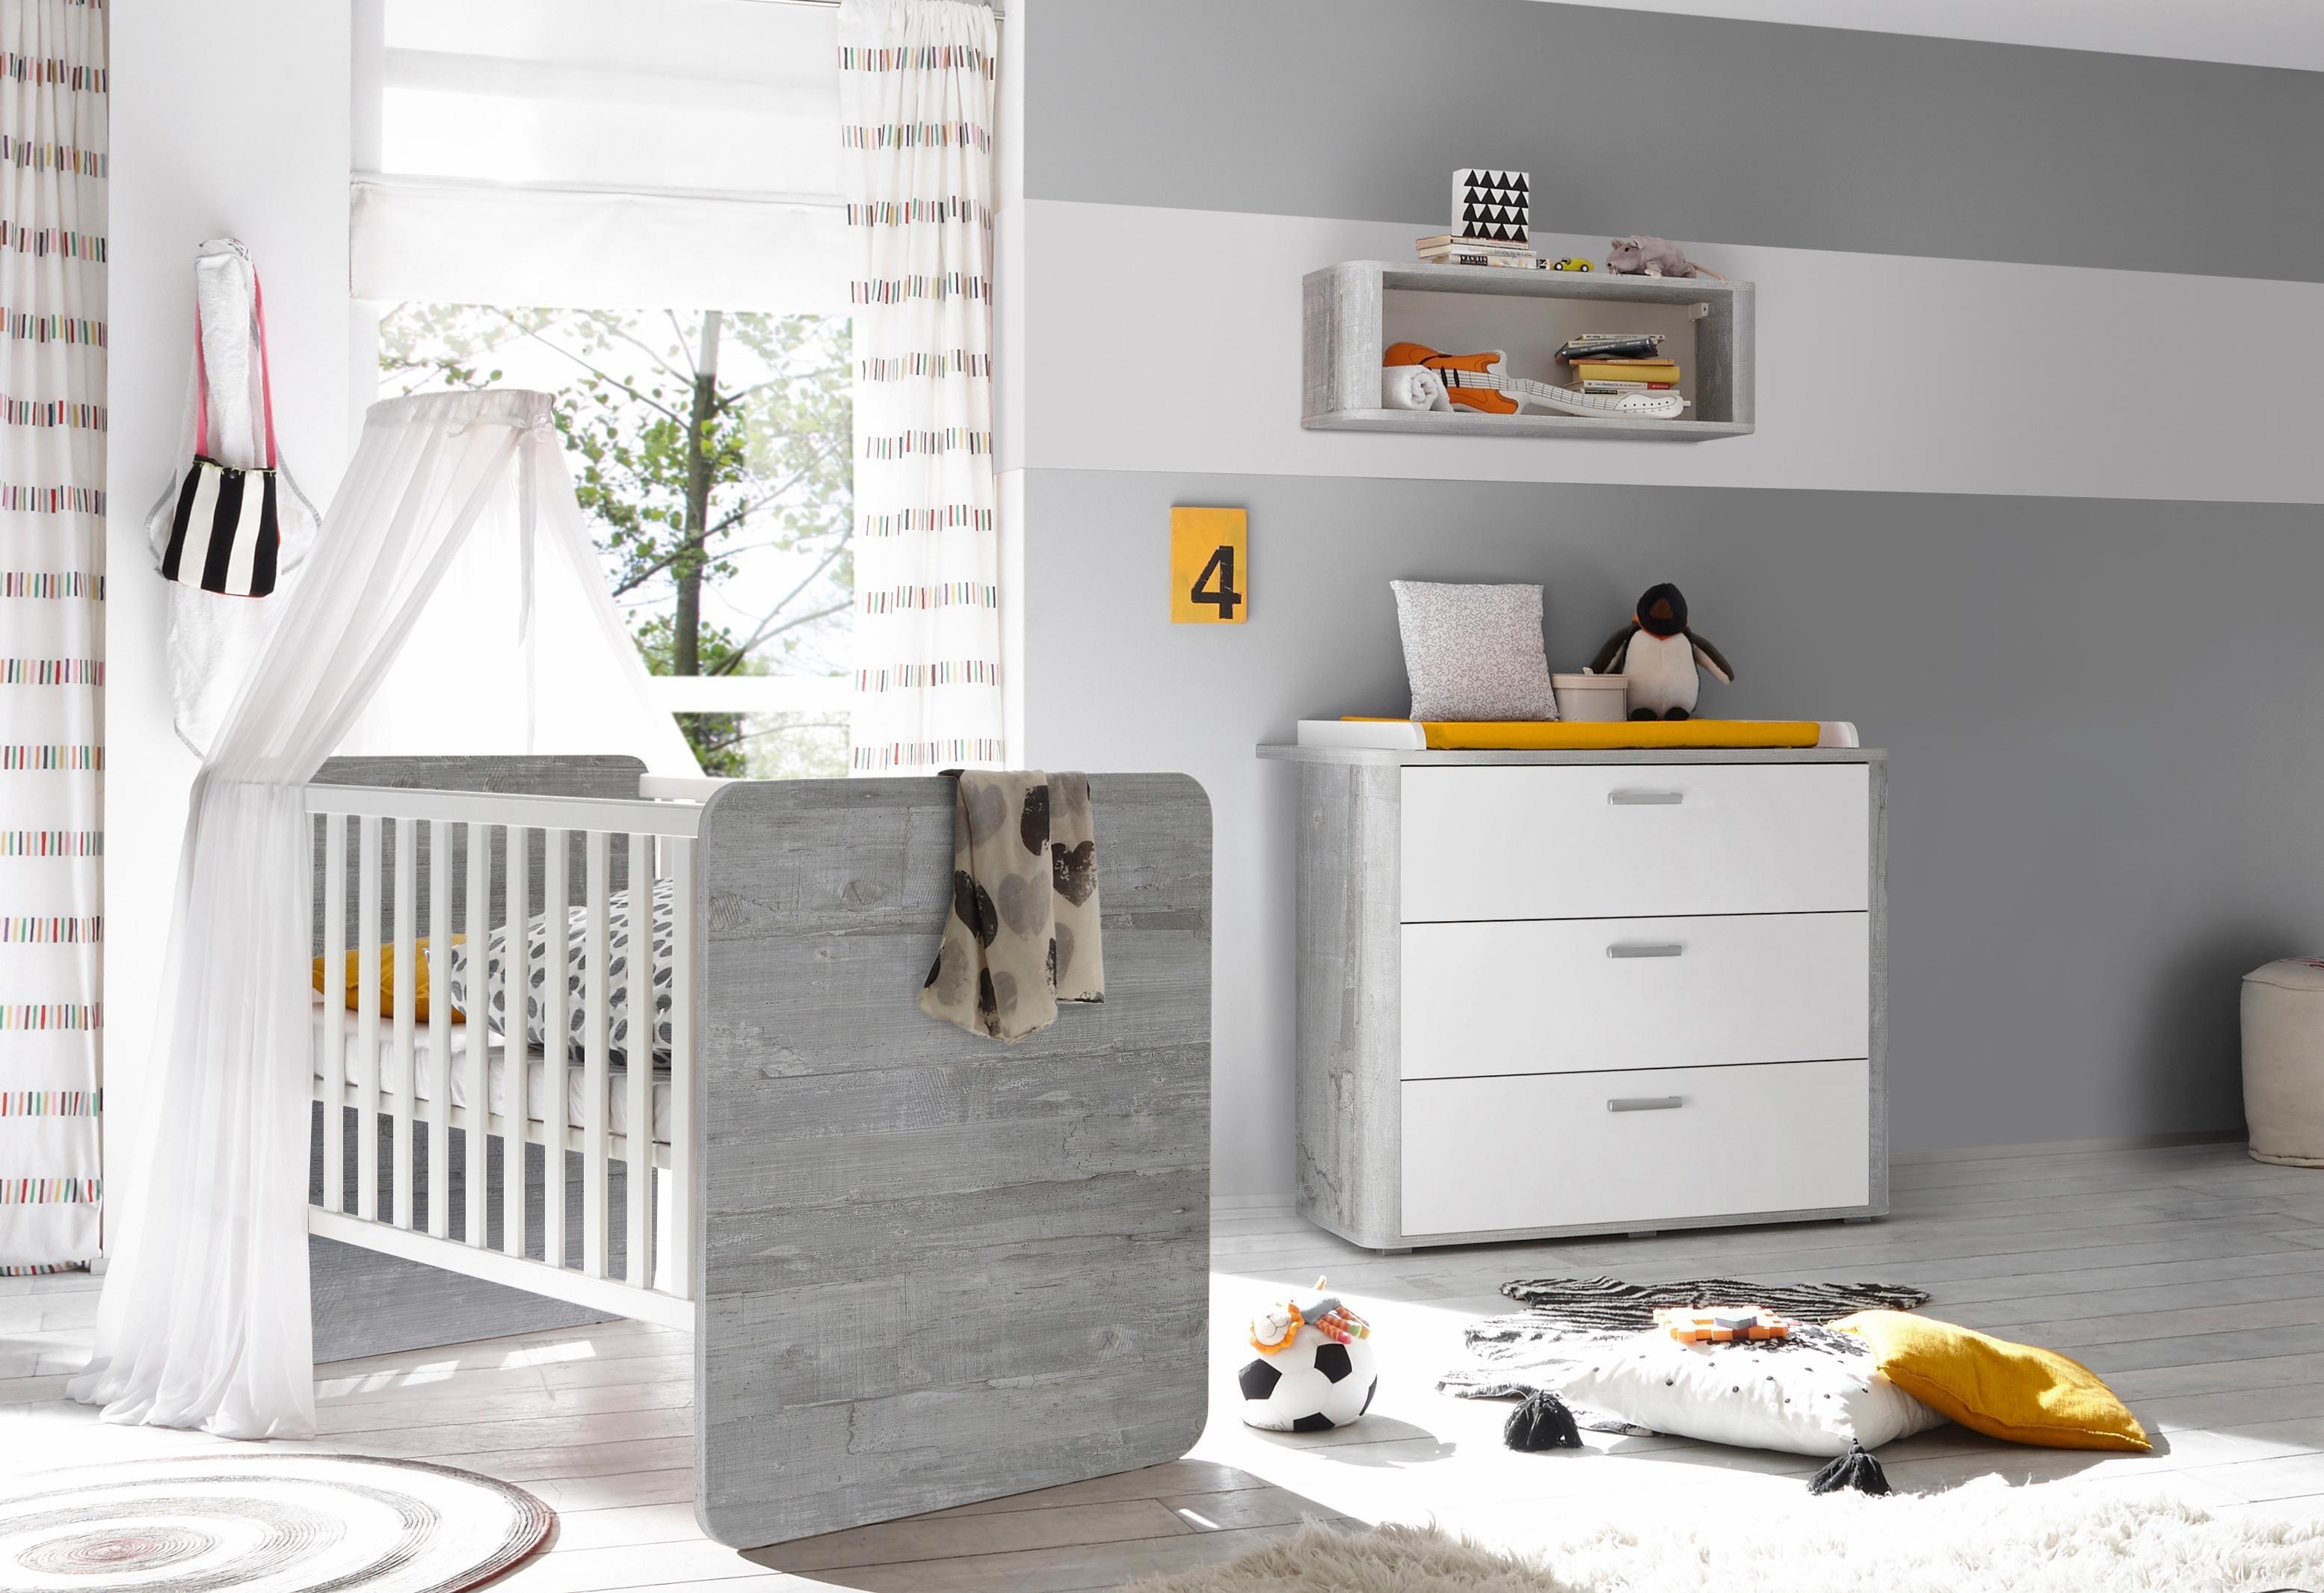 Babyzimmer komplett grau  grau-lackiert Komplett-Babyzimmer online kaufen | Möbel-Suchmaschine ...